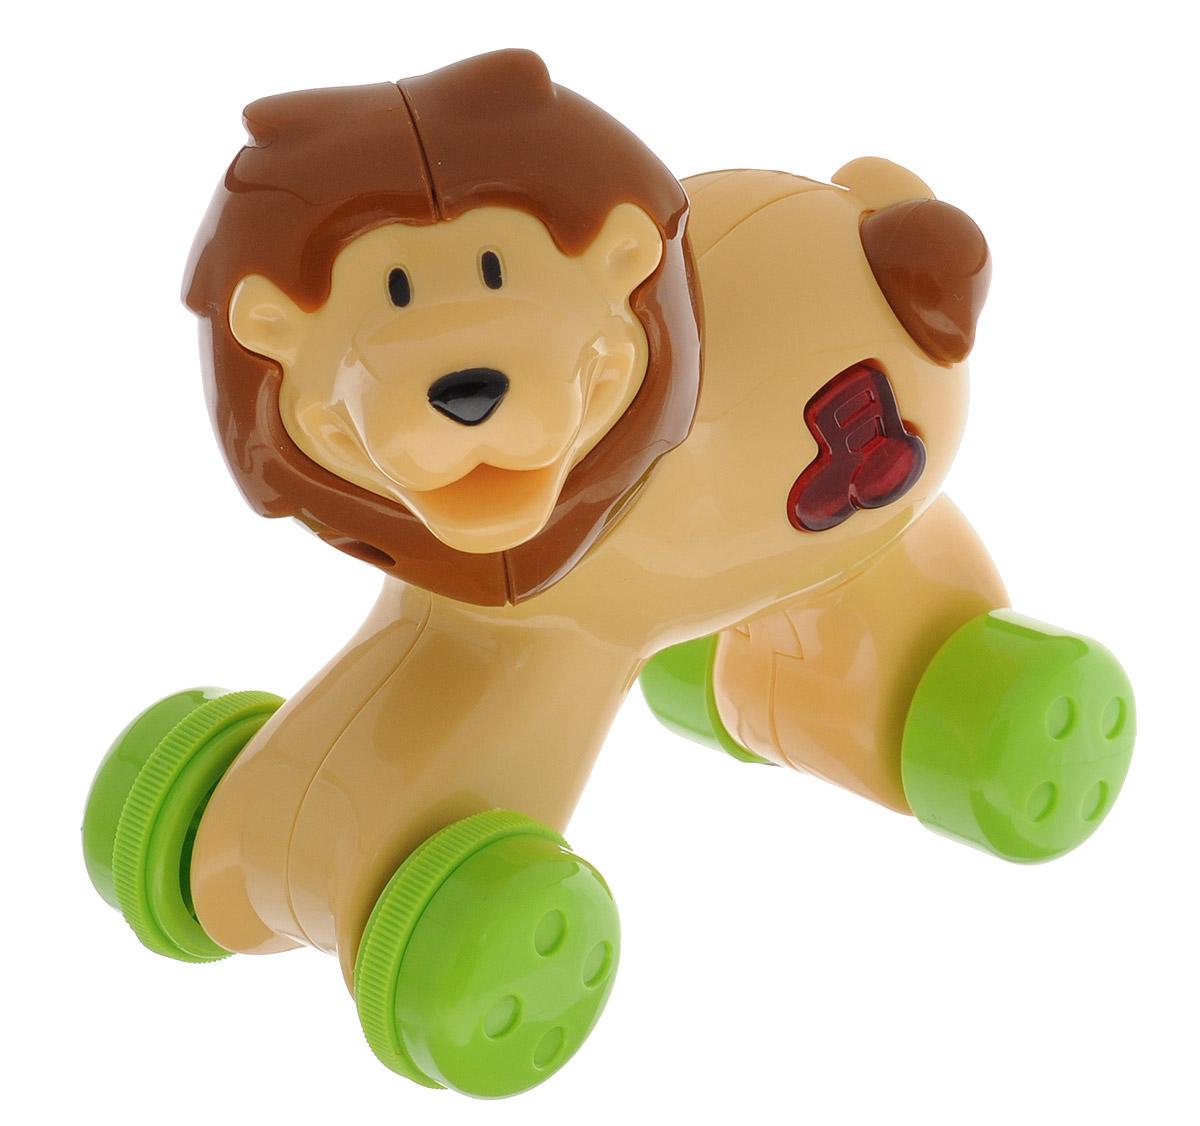 Navystar Музыкальная игрушка-каталка Лев68081-T-LМузыкальная игрушка-каталка Navystar Лев привлечет внимание вашего малыша и не оставит его равнодушным. Игрушка выполнена из прочного пластика в виде симпатичного льва. На теле игрушки имеется кнопочка в виде ноты, при нажатии на которую воспроизводятся разные мелодии, и мигает огонек в кнопочке. Музыкальная игрушка-каталка воспроизводит 40 различных мелодий. Игрушка оснащена инерционным механизмом. Если нажать на игрушку, а затем отпустить, она быстро поедет вперед. Музыкальная игрушка-каталка Navystar Лев поможет малышу развить цветовое и звуковое восприятие, координацию движений и мышление. Для работы игрушки необходимы 3 батарейки типа AG13 (LR44) напряжением 1,5V (товар комплектуется демонстрационными).